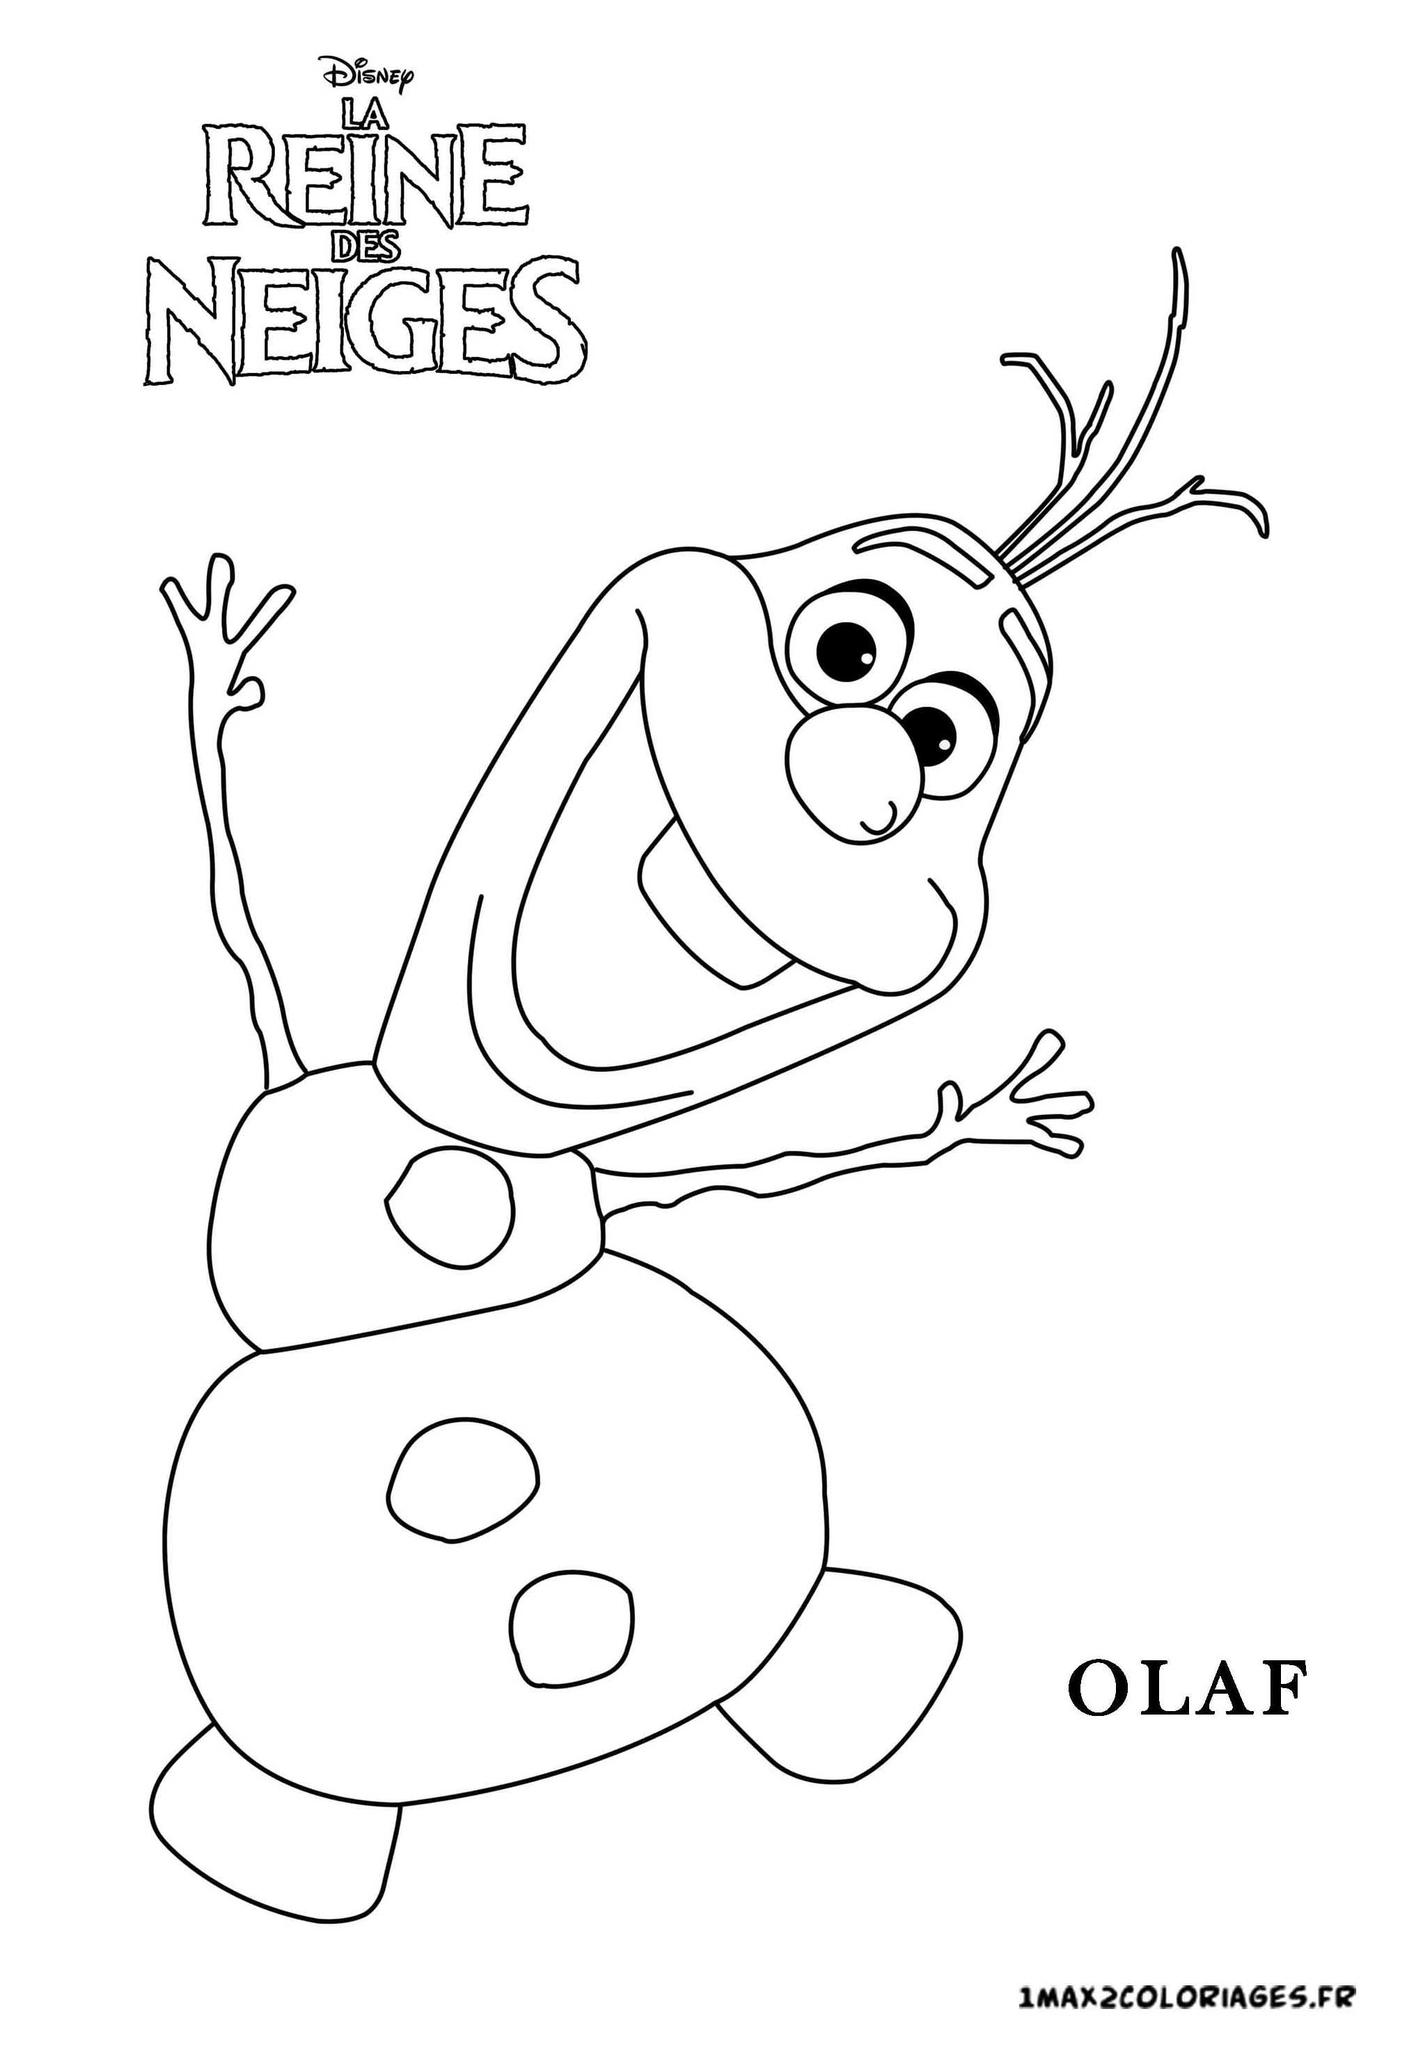 Coloriage Reine Des Neiges Buzz2000.Telecharger Coloriage Reine Des Neige Olaf Coloriage A Imprimer